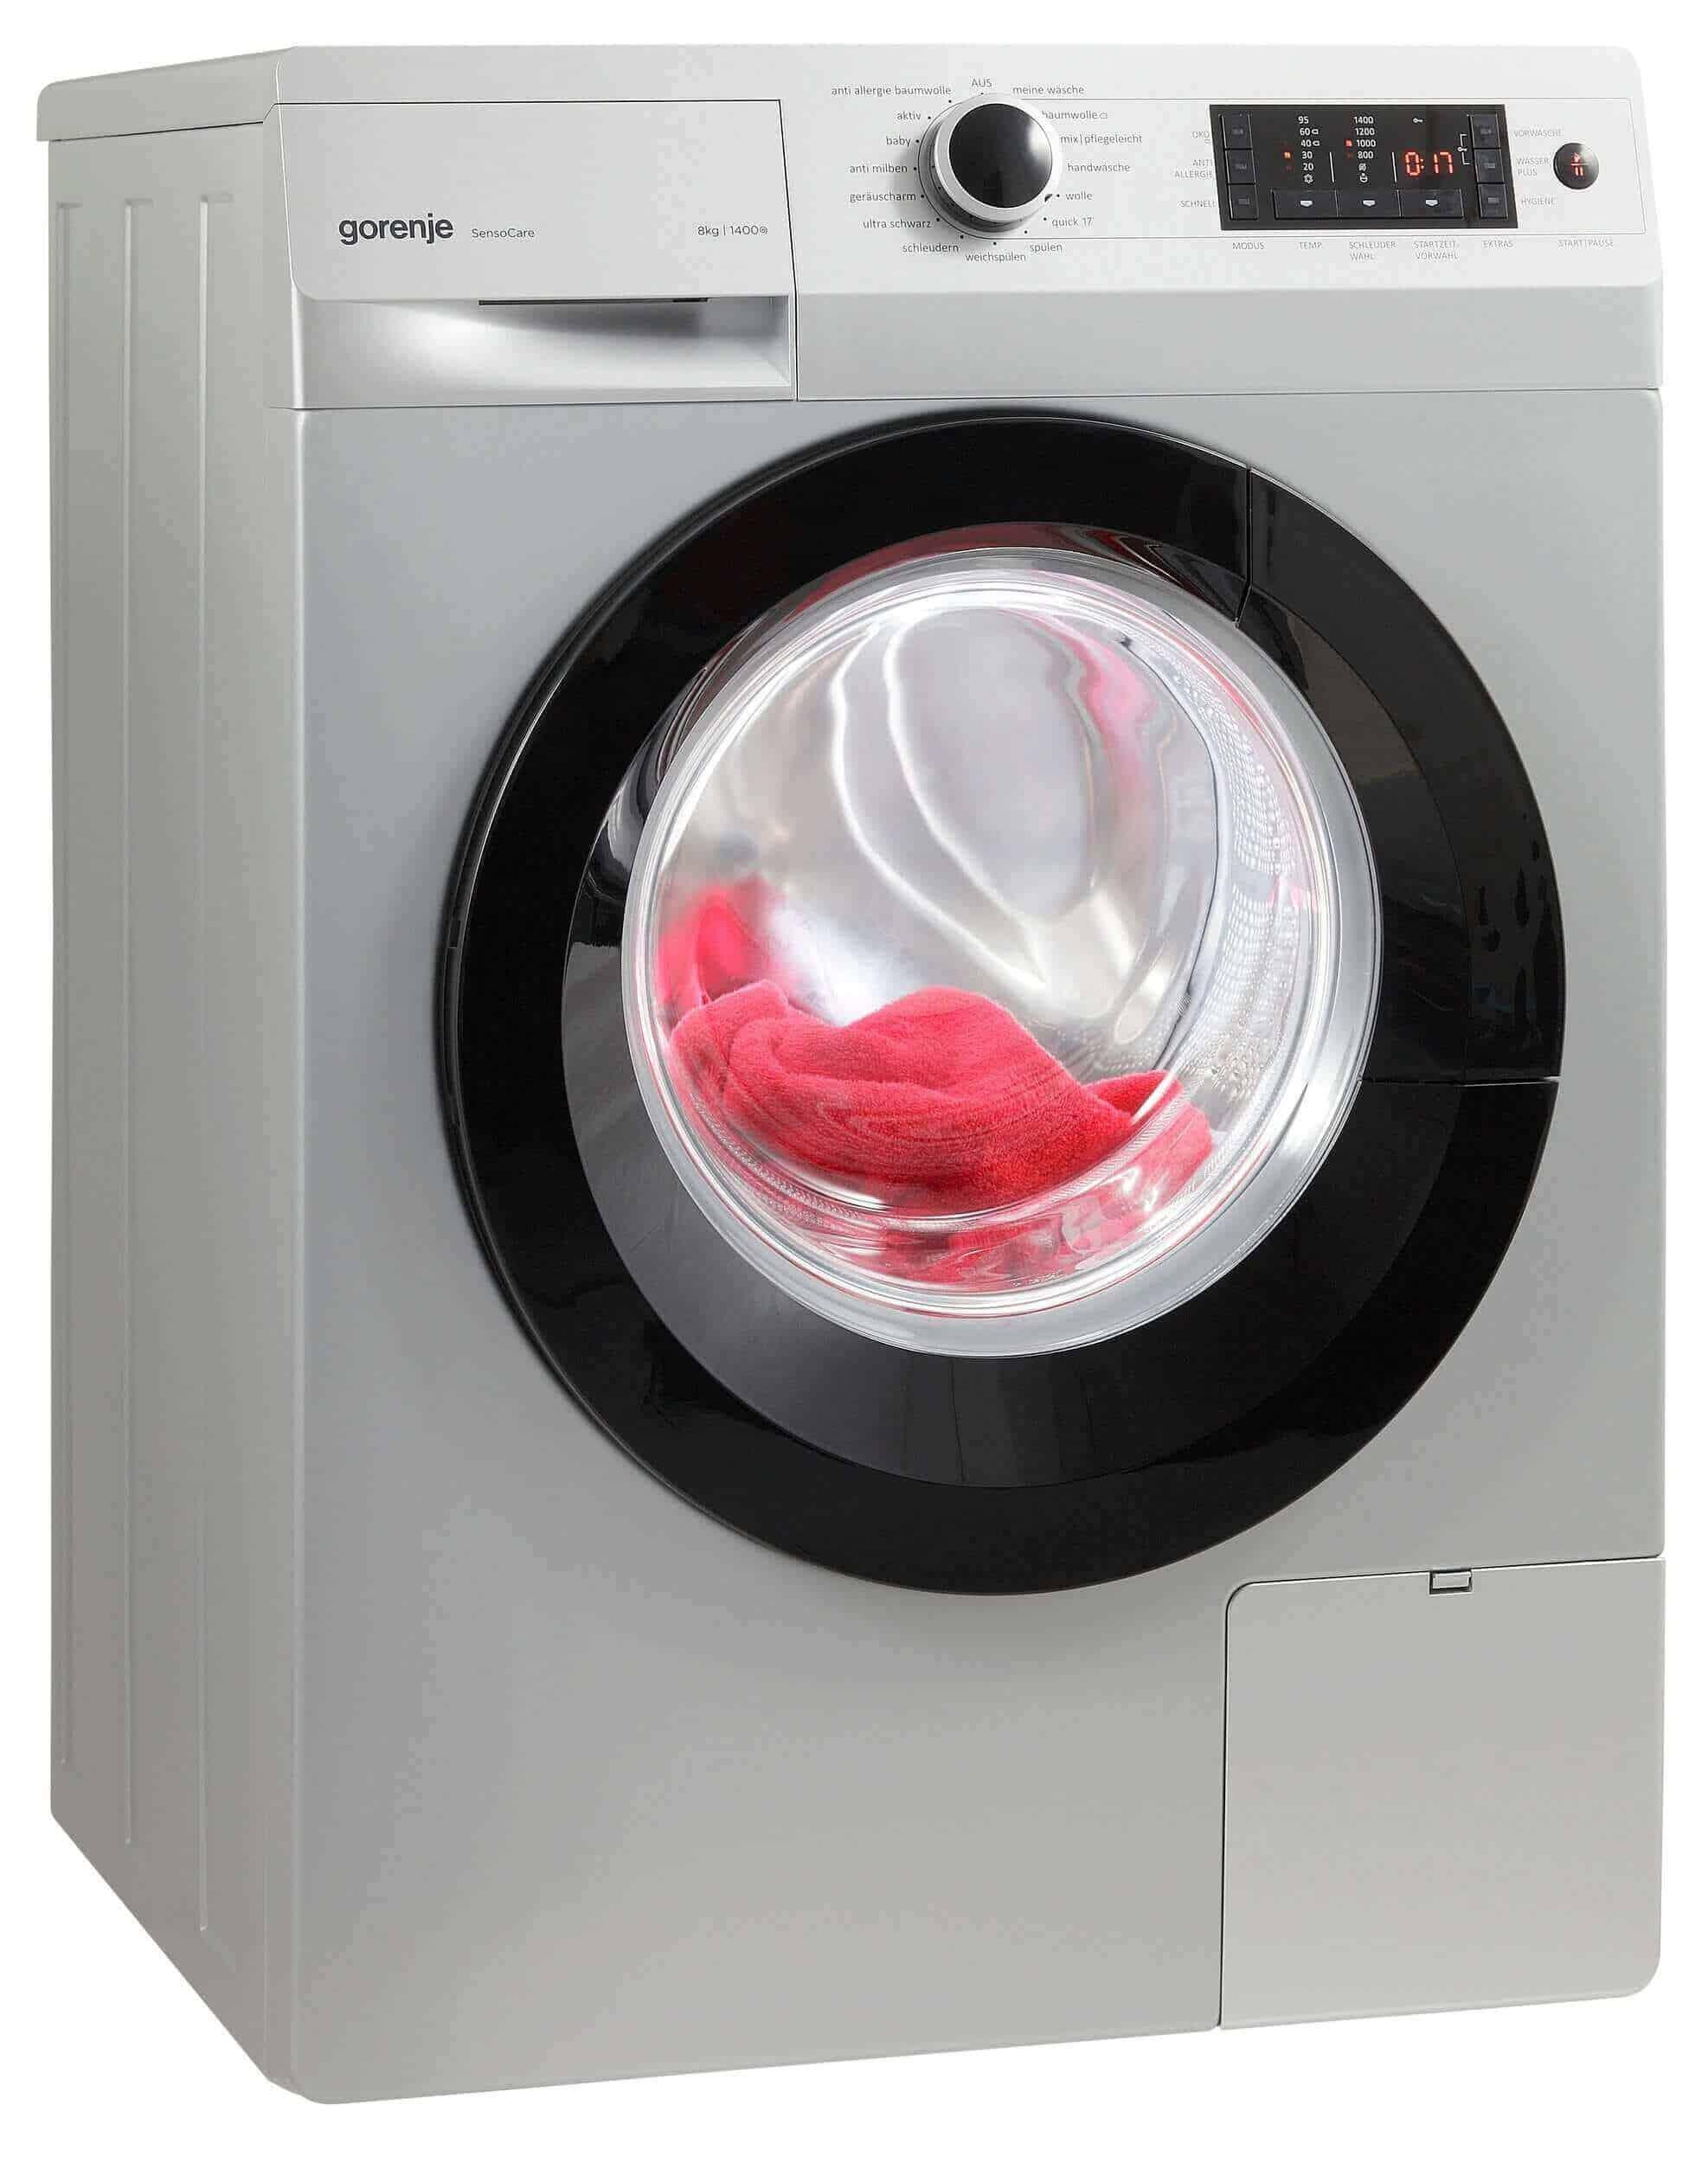 gorenje w8543t waschmaschine im test 07 2018. Black Bedroom Furniture Sets. Home Design Ideas